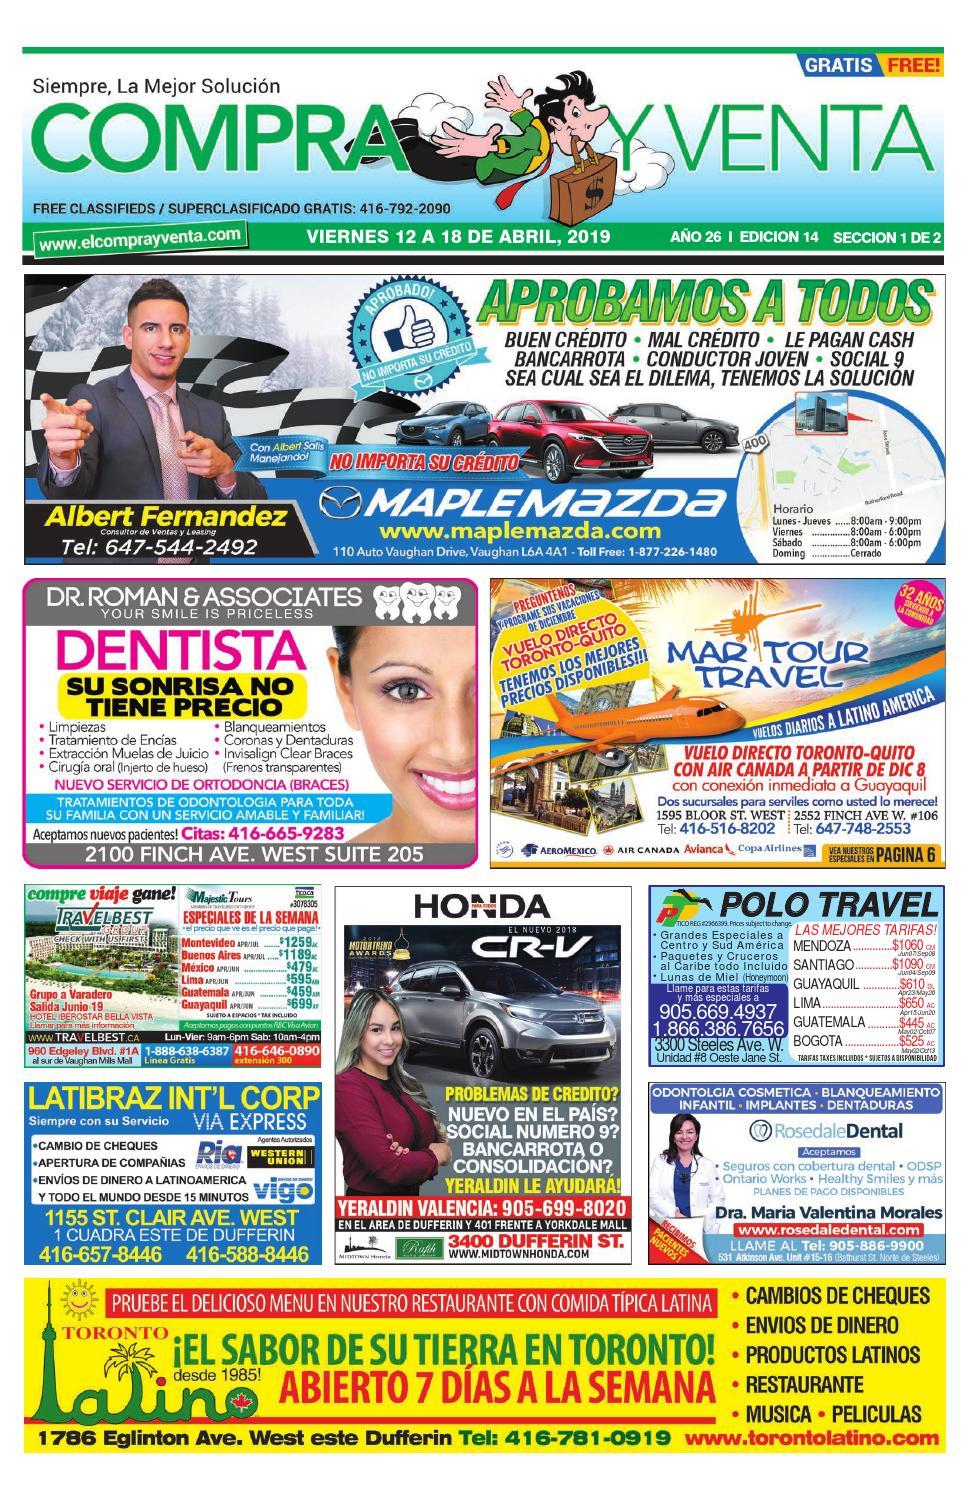 5c5768d27 Compra y Venta Edición  14. 2019 by elcomprayventa - issuu